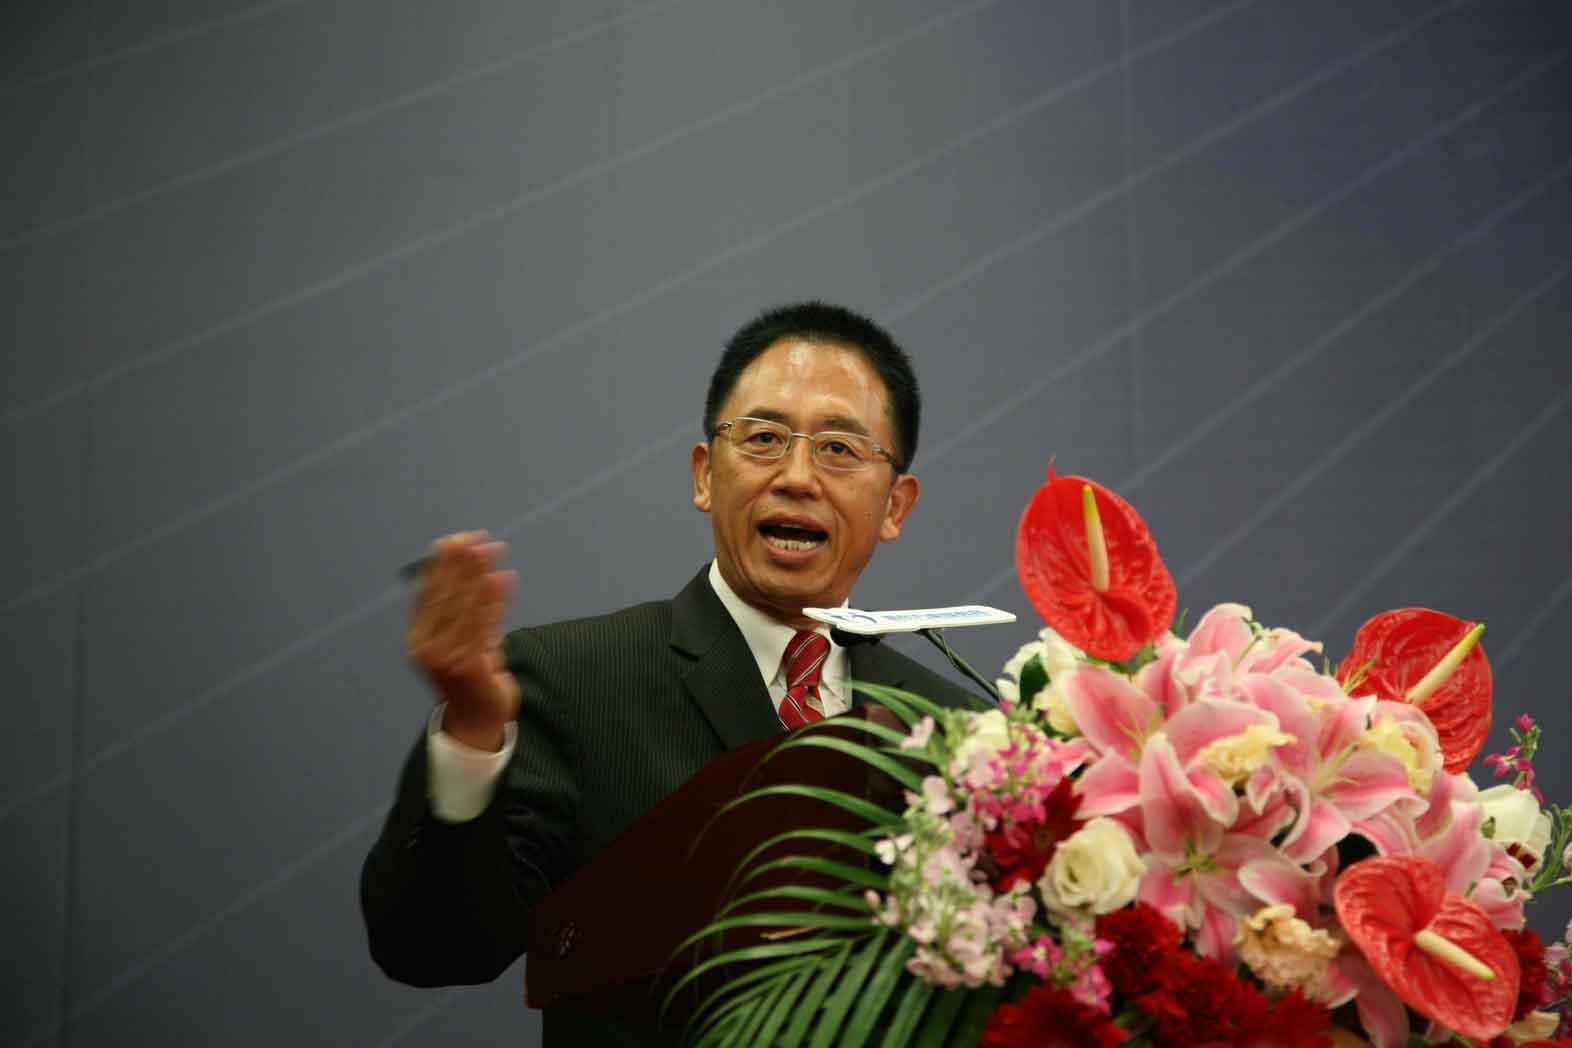 新东方教育科技集团副总裁、北京新东方扬州外国语学校校长王修文